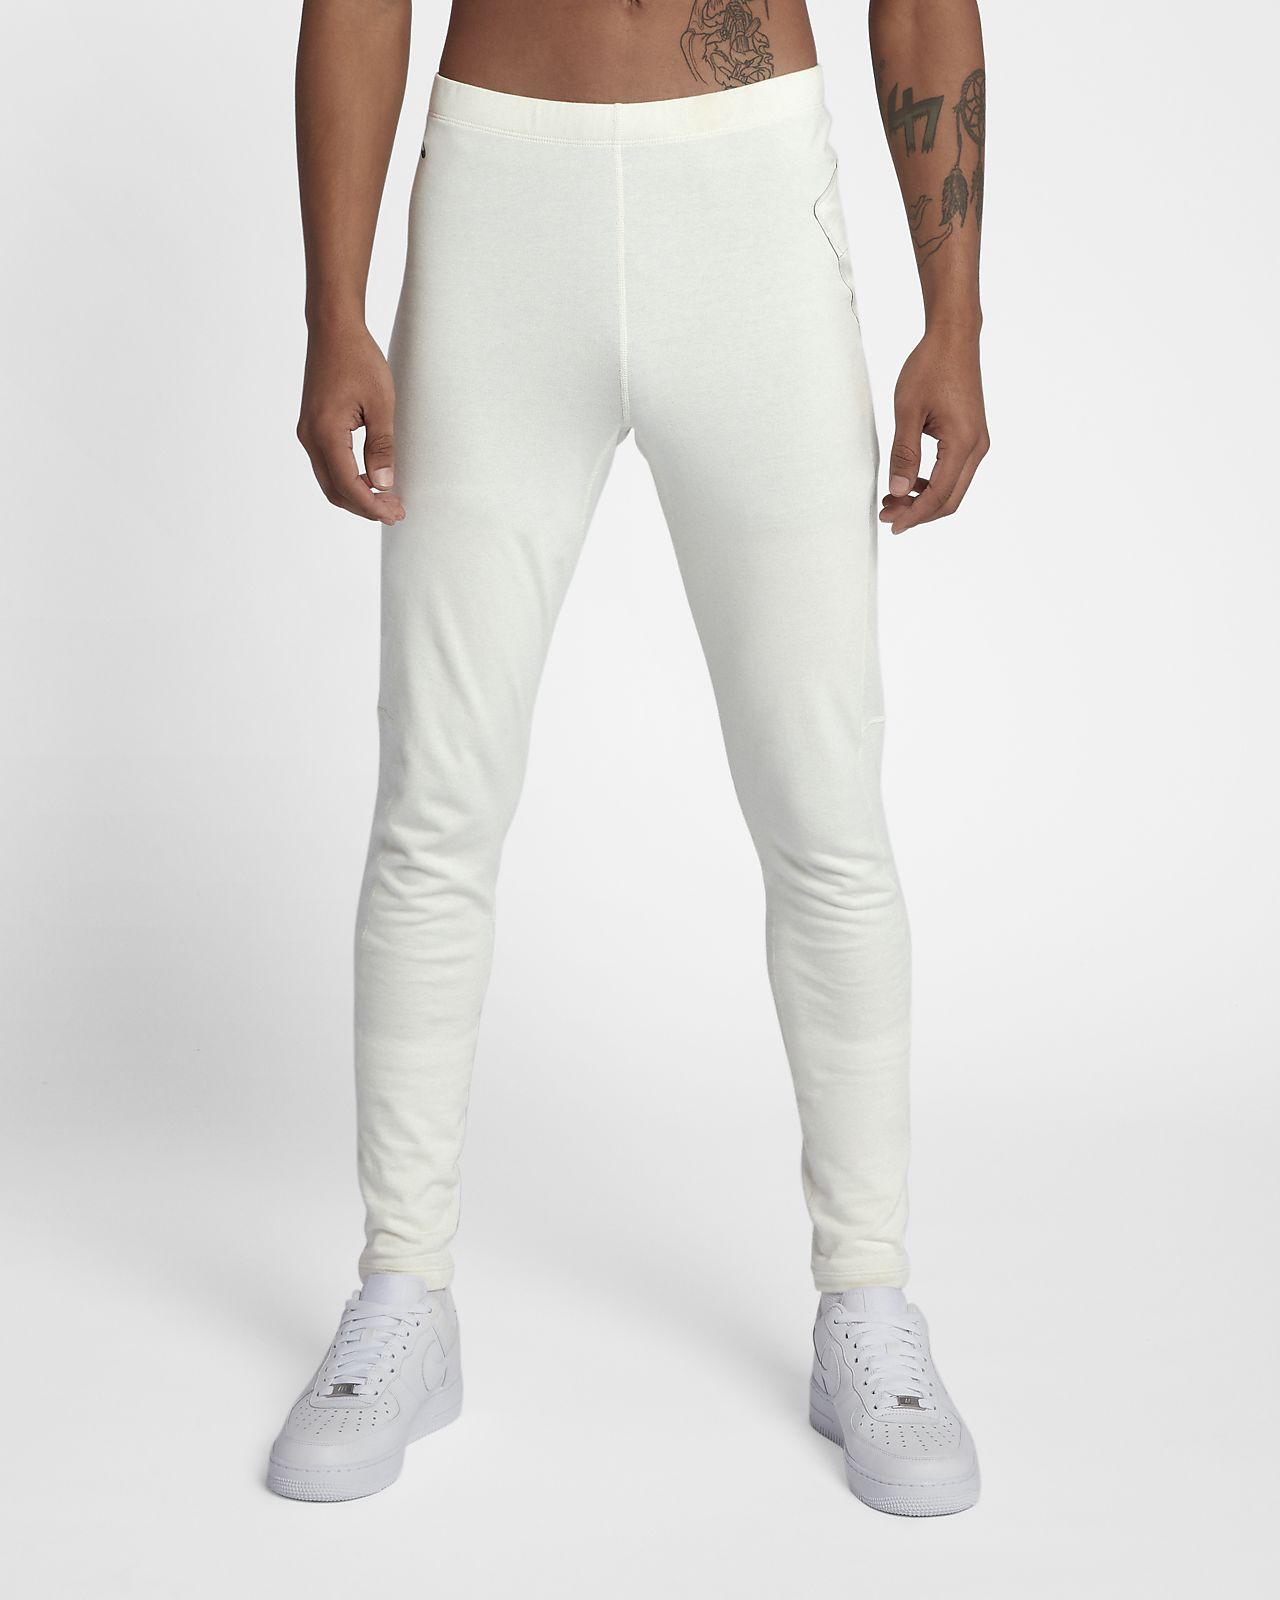 NikeLab AAE 2.0 男子紧身裤